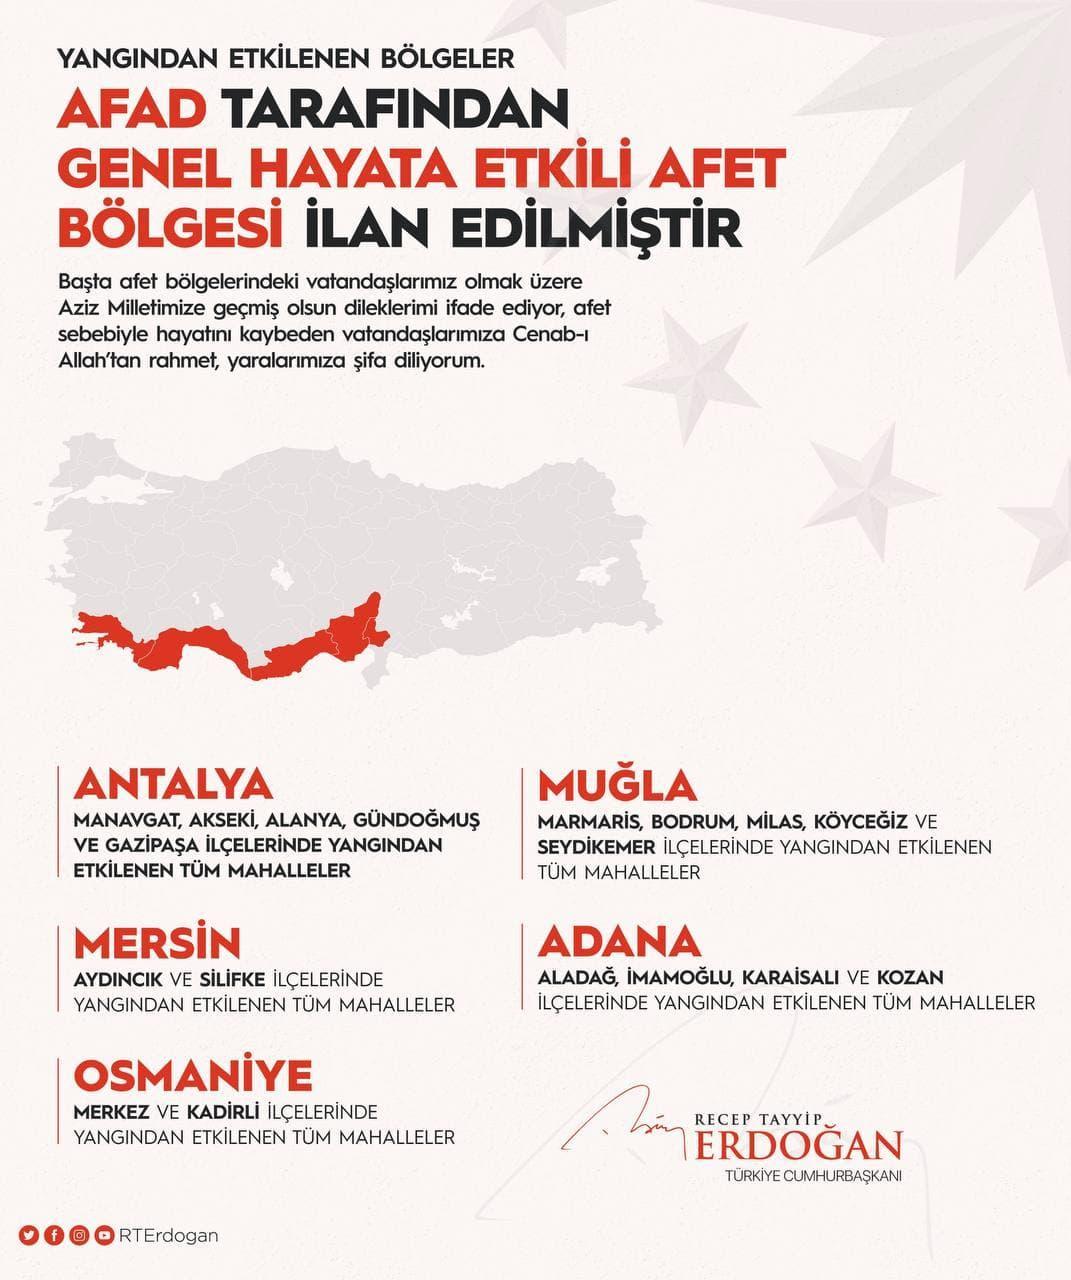 Зоною лиха оголошені провінції Адана, Анталья, Мугла, Мерсін і Османійе / фото Telegram-канал Ердоганf